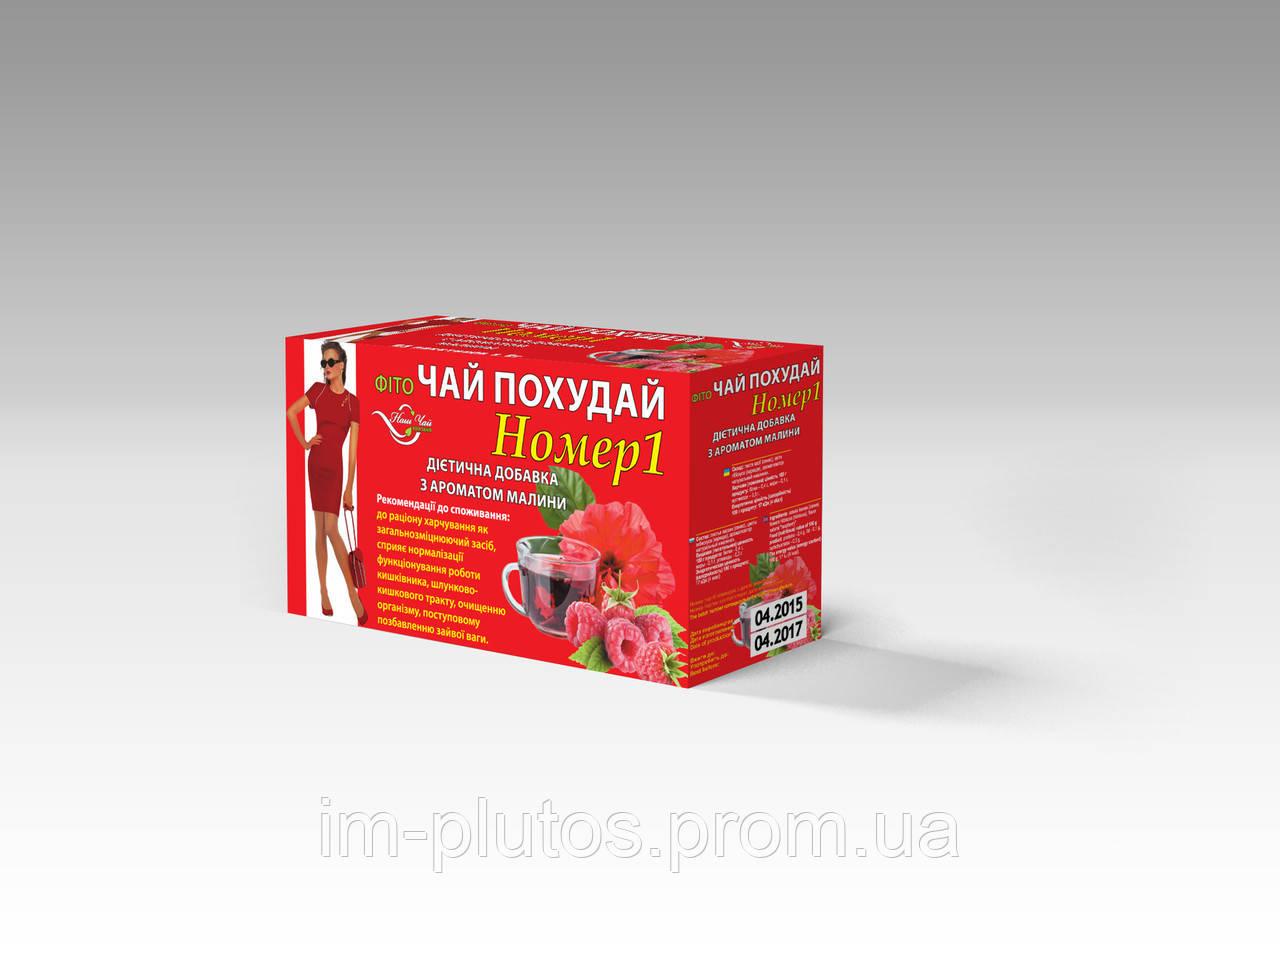 Фито чай Похудай номер 1 с ароматом Малина (МИКС)